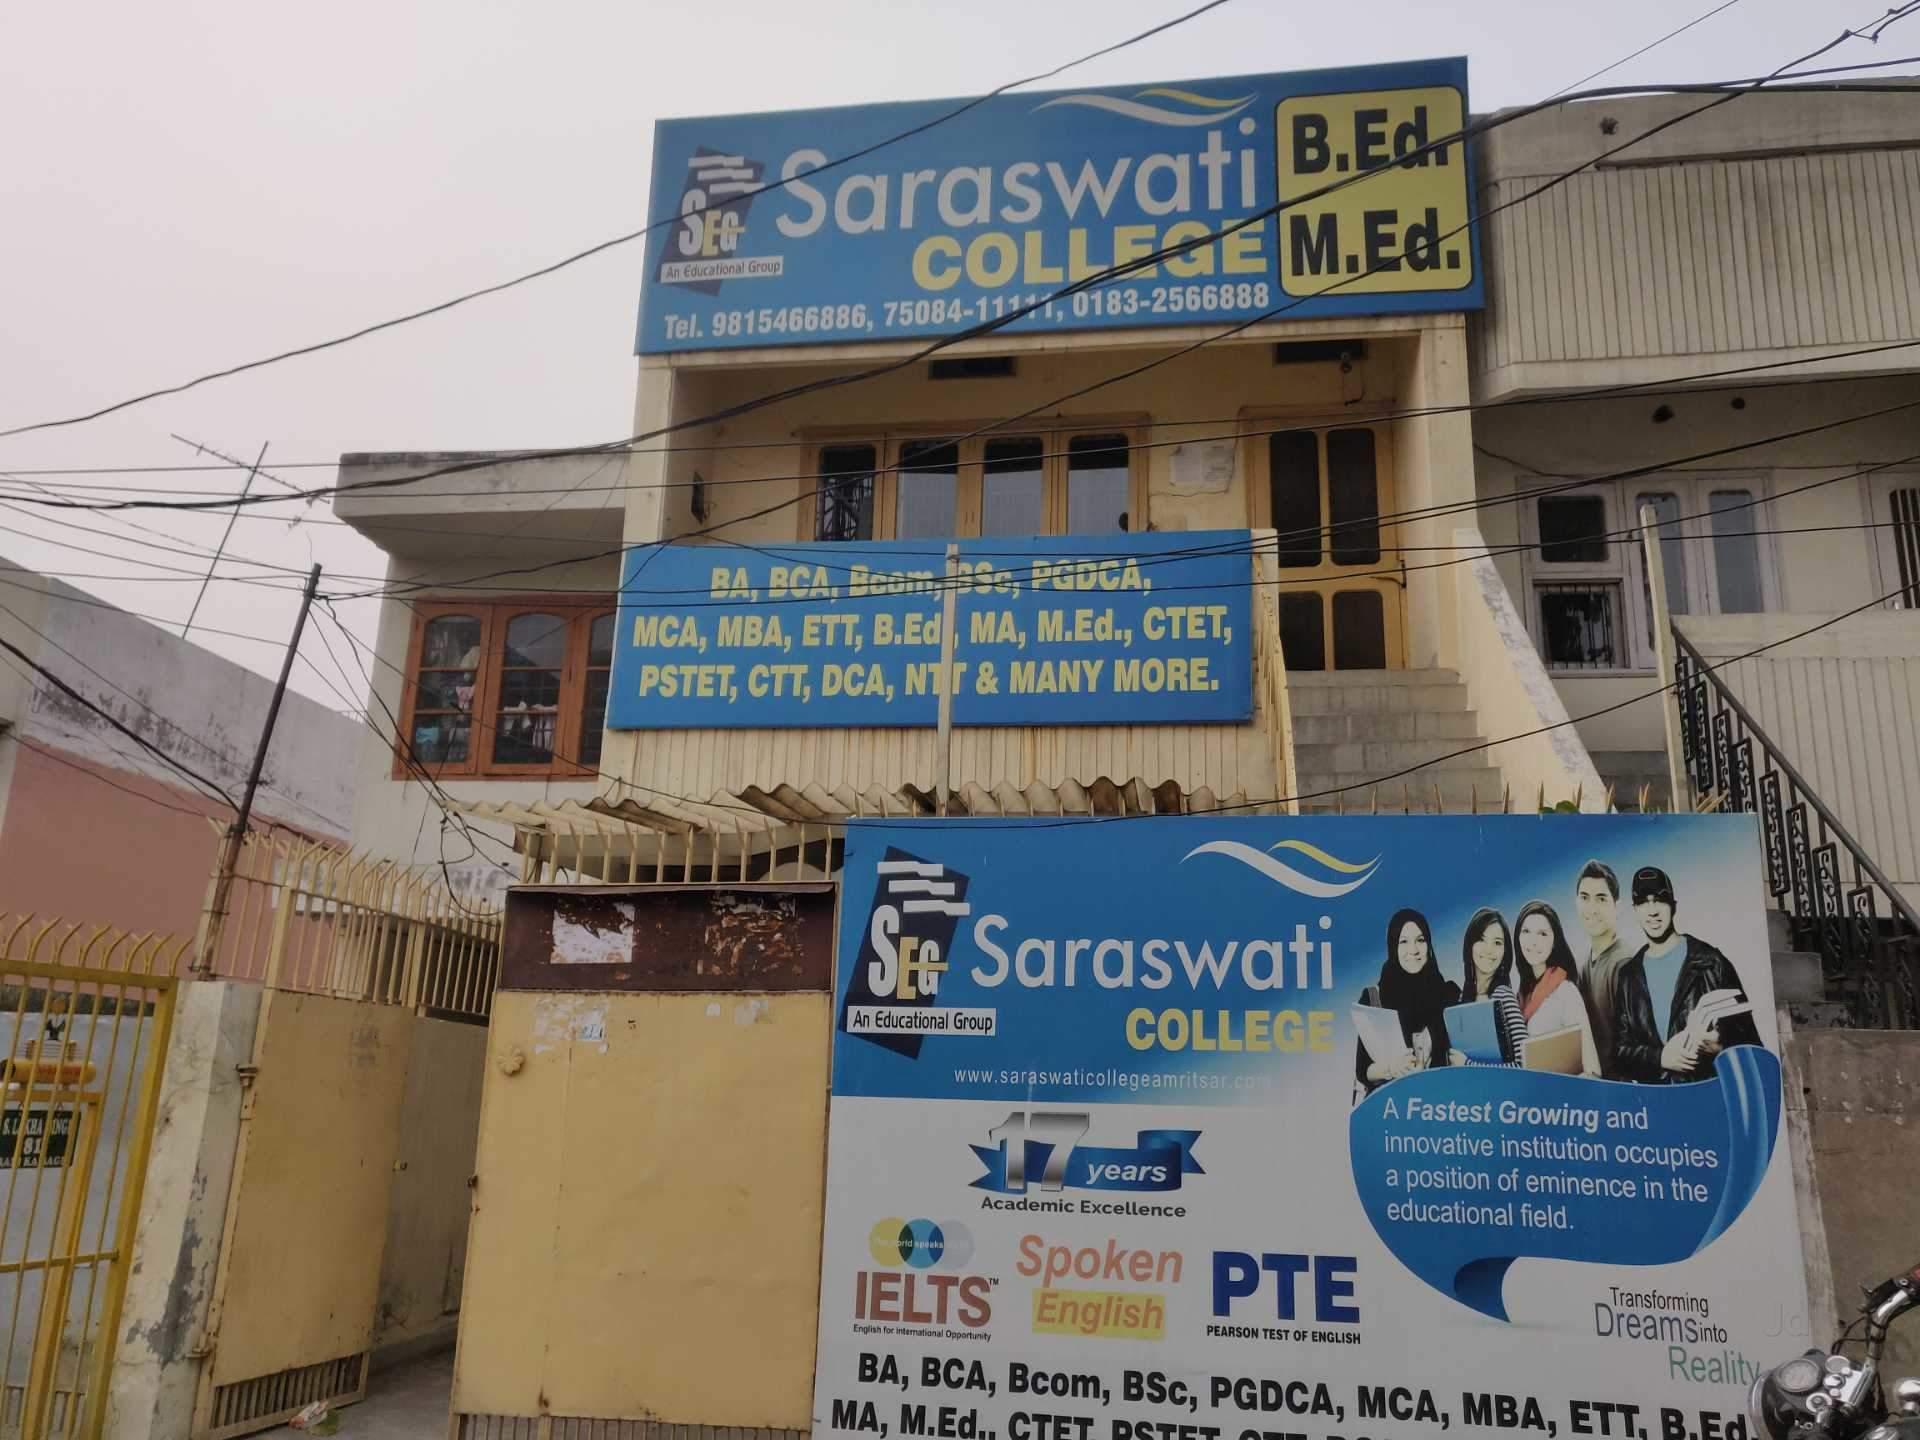 Saraswati Educational Group